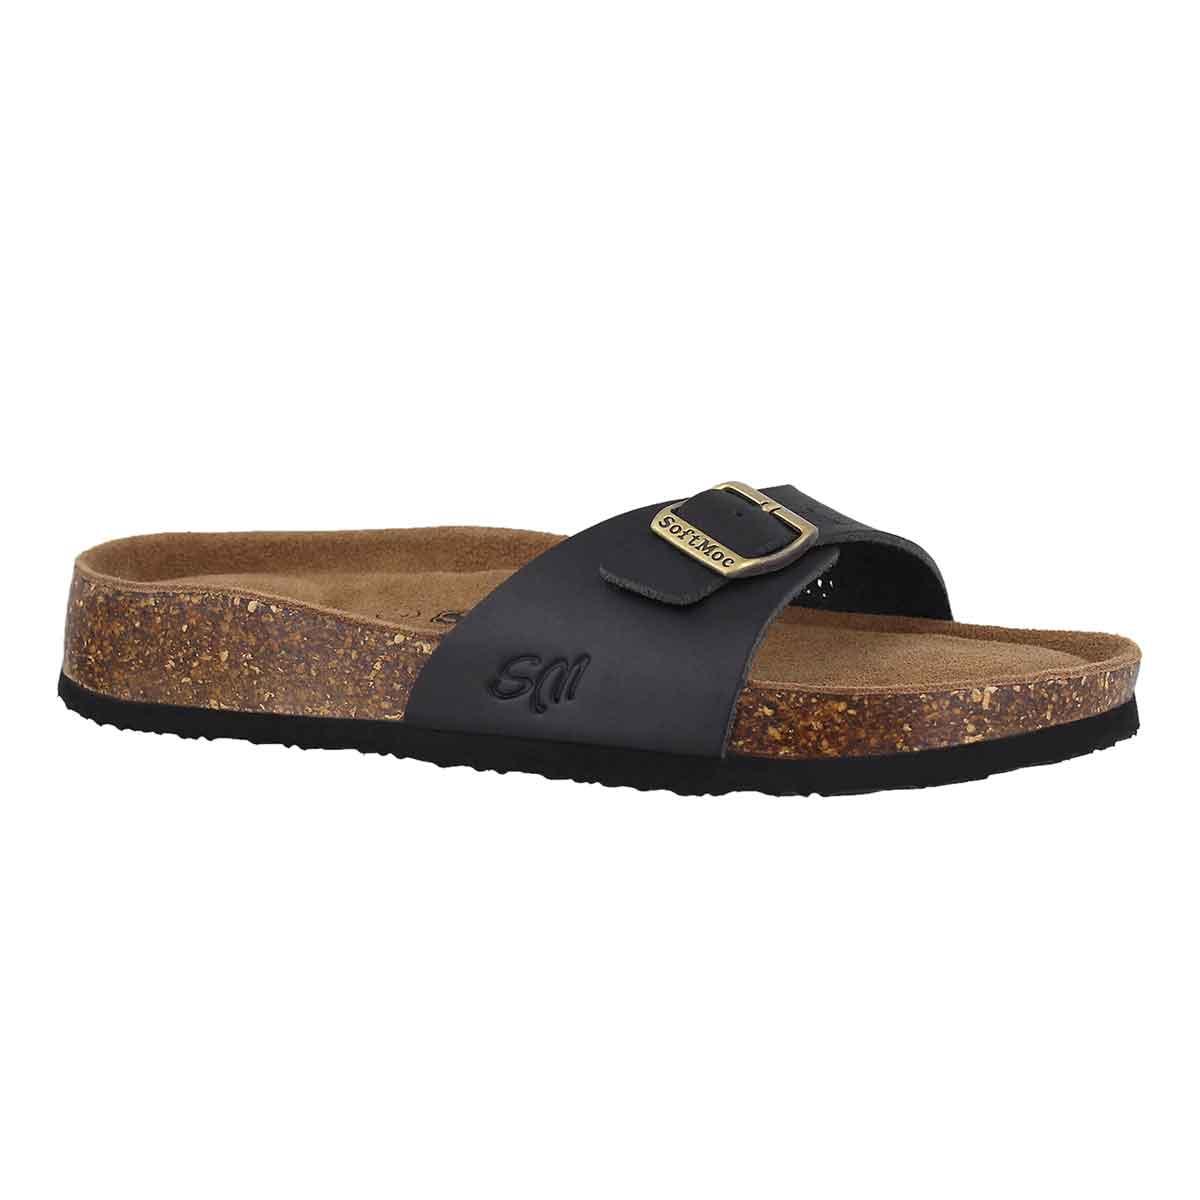 Women's AMIE 5 blk perf memory foam slide sandals